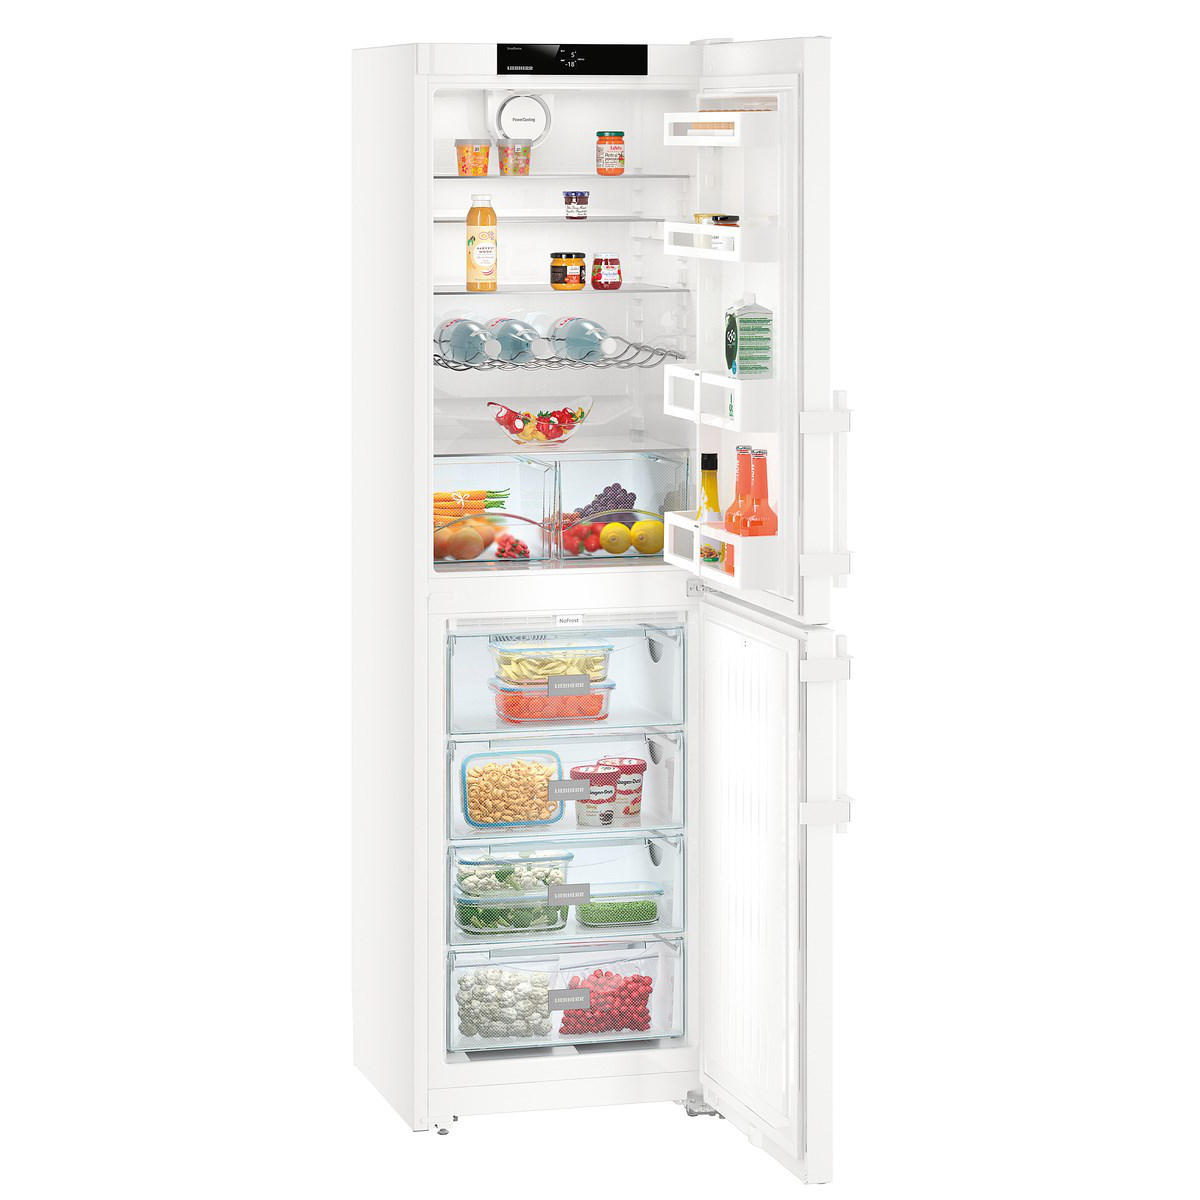 Image of Liebherr CN3915 Fridge Freezer